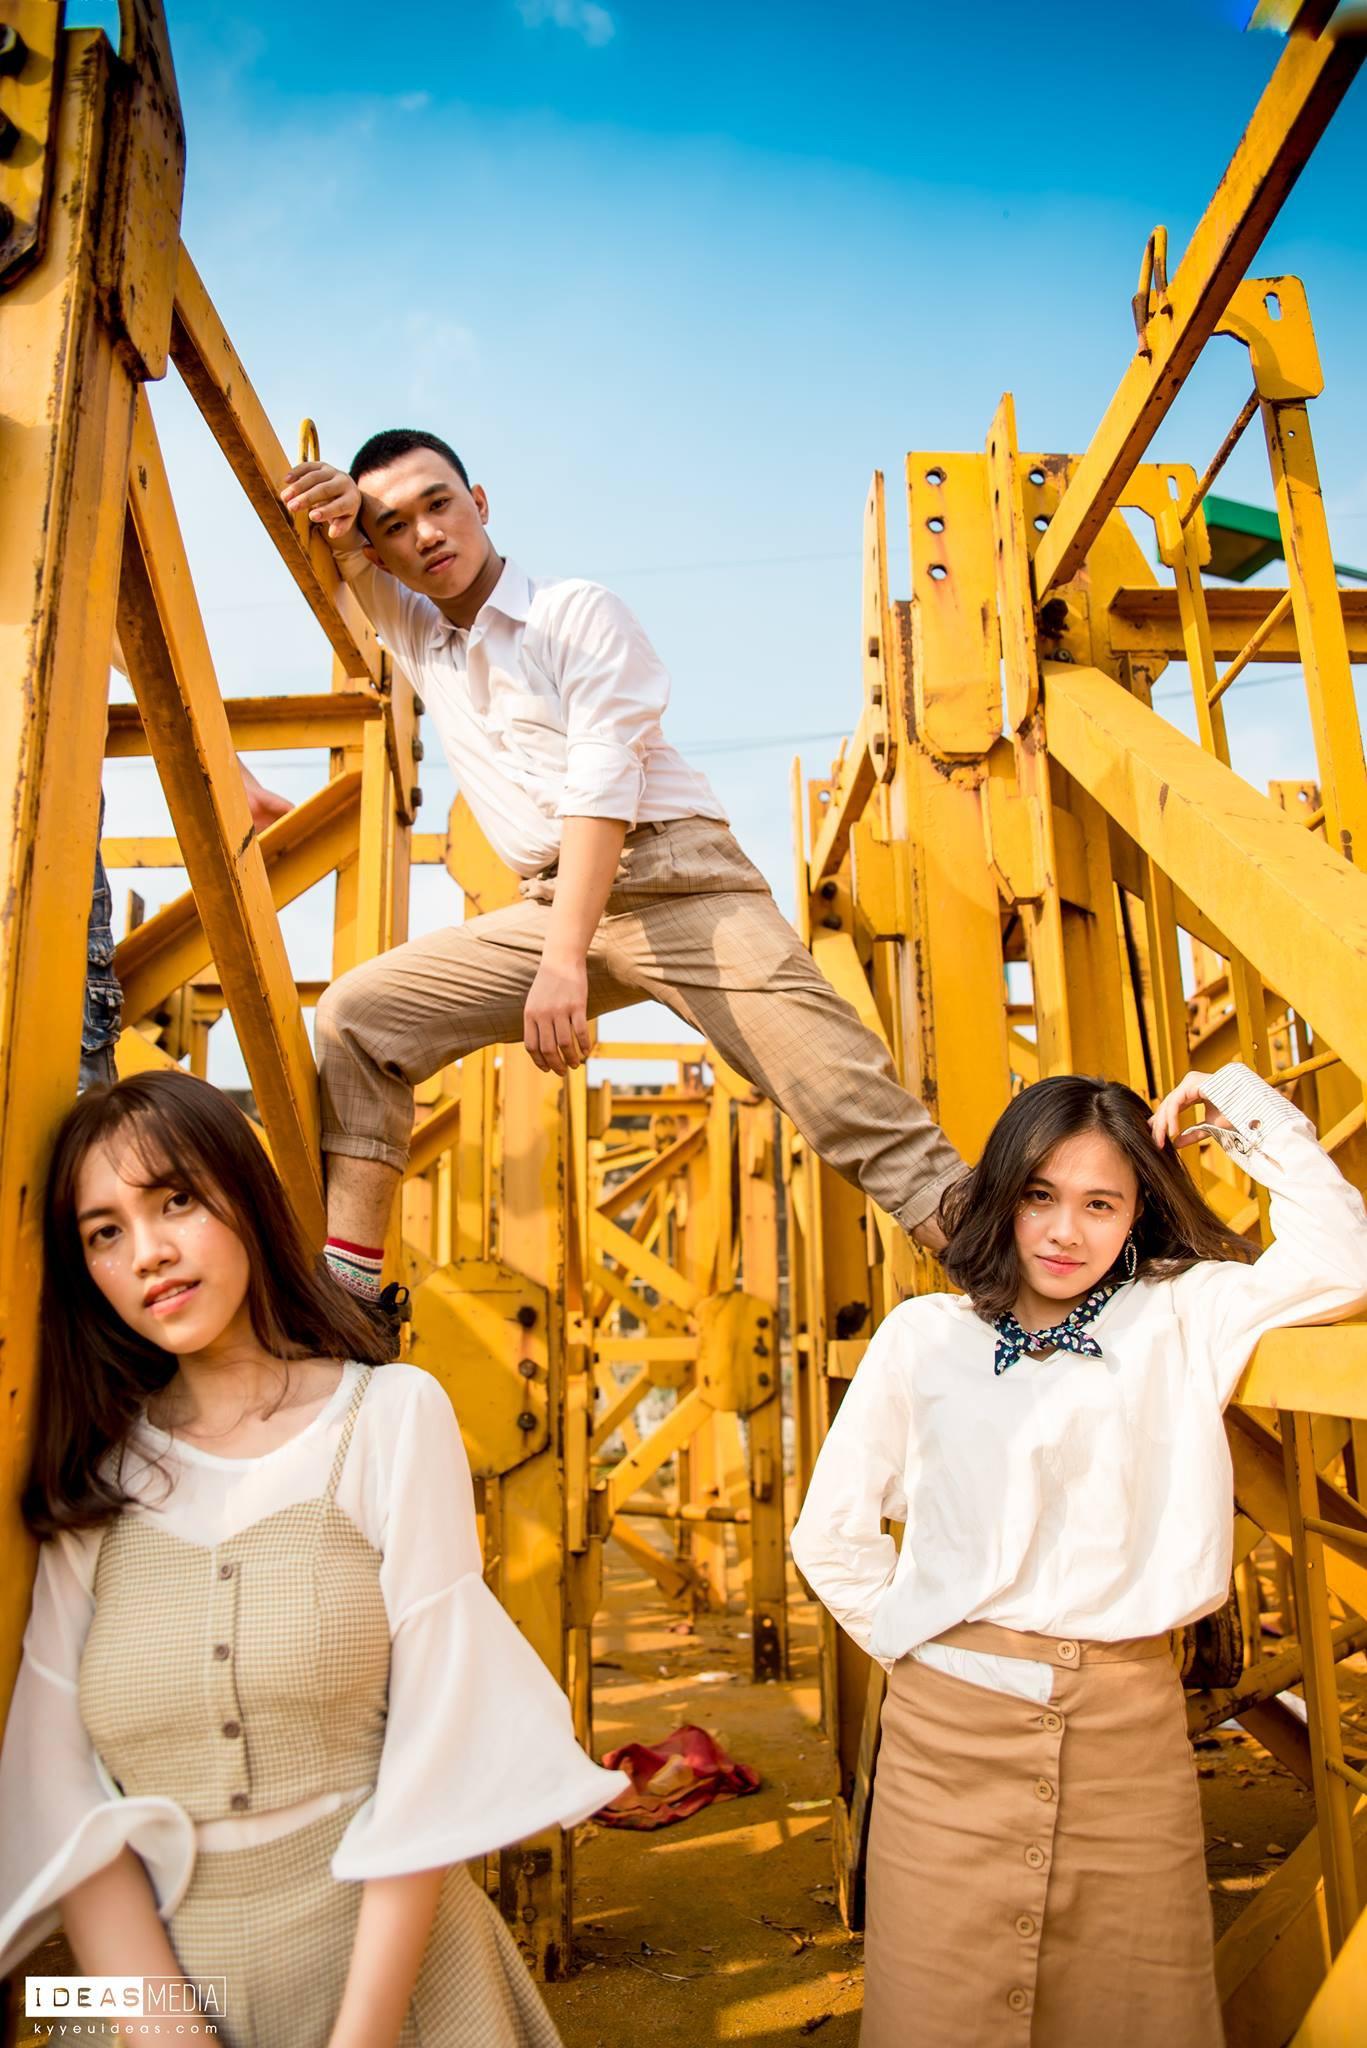 HS trường Trưng Vương Sài Gòn chụp ảnh kỷ yếu theo phong cách Phía trước là bầu trời - Ảnh 6.